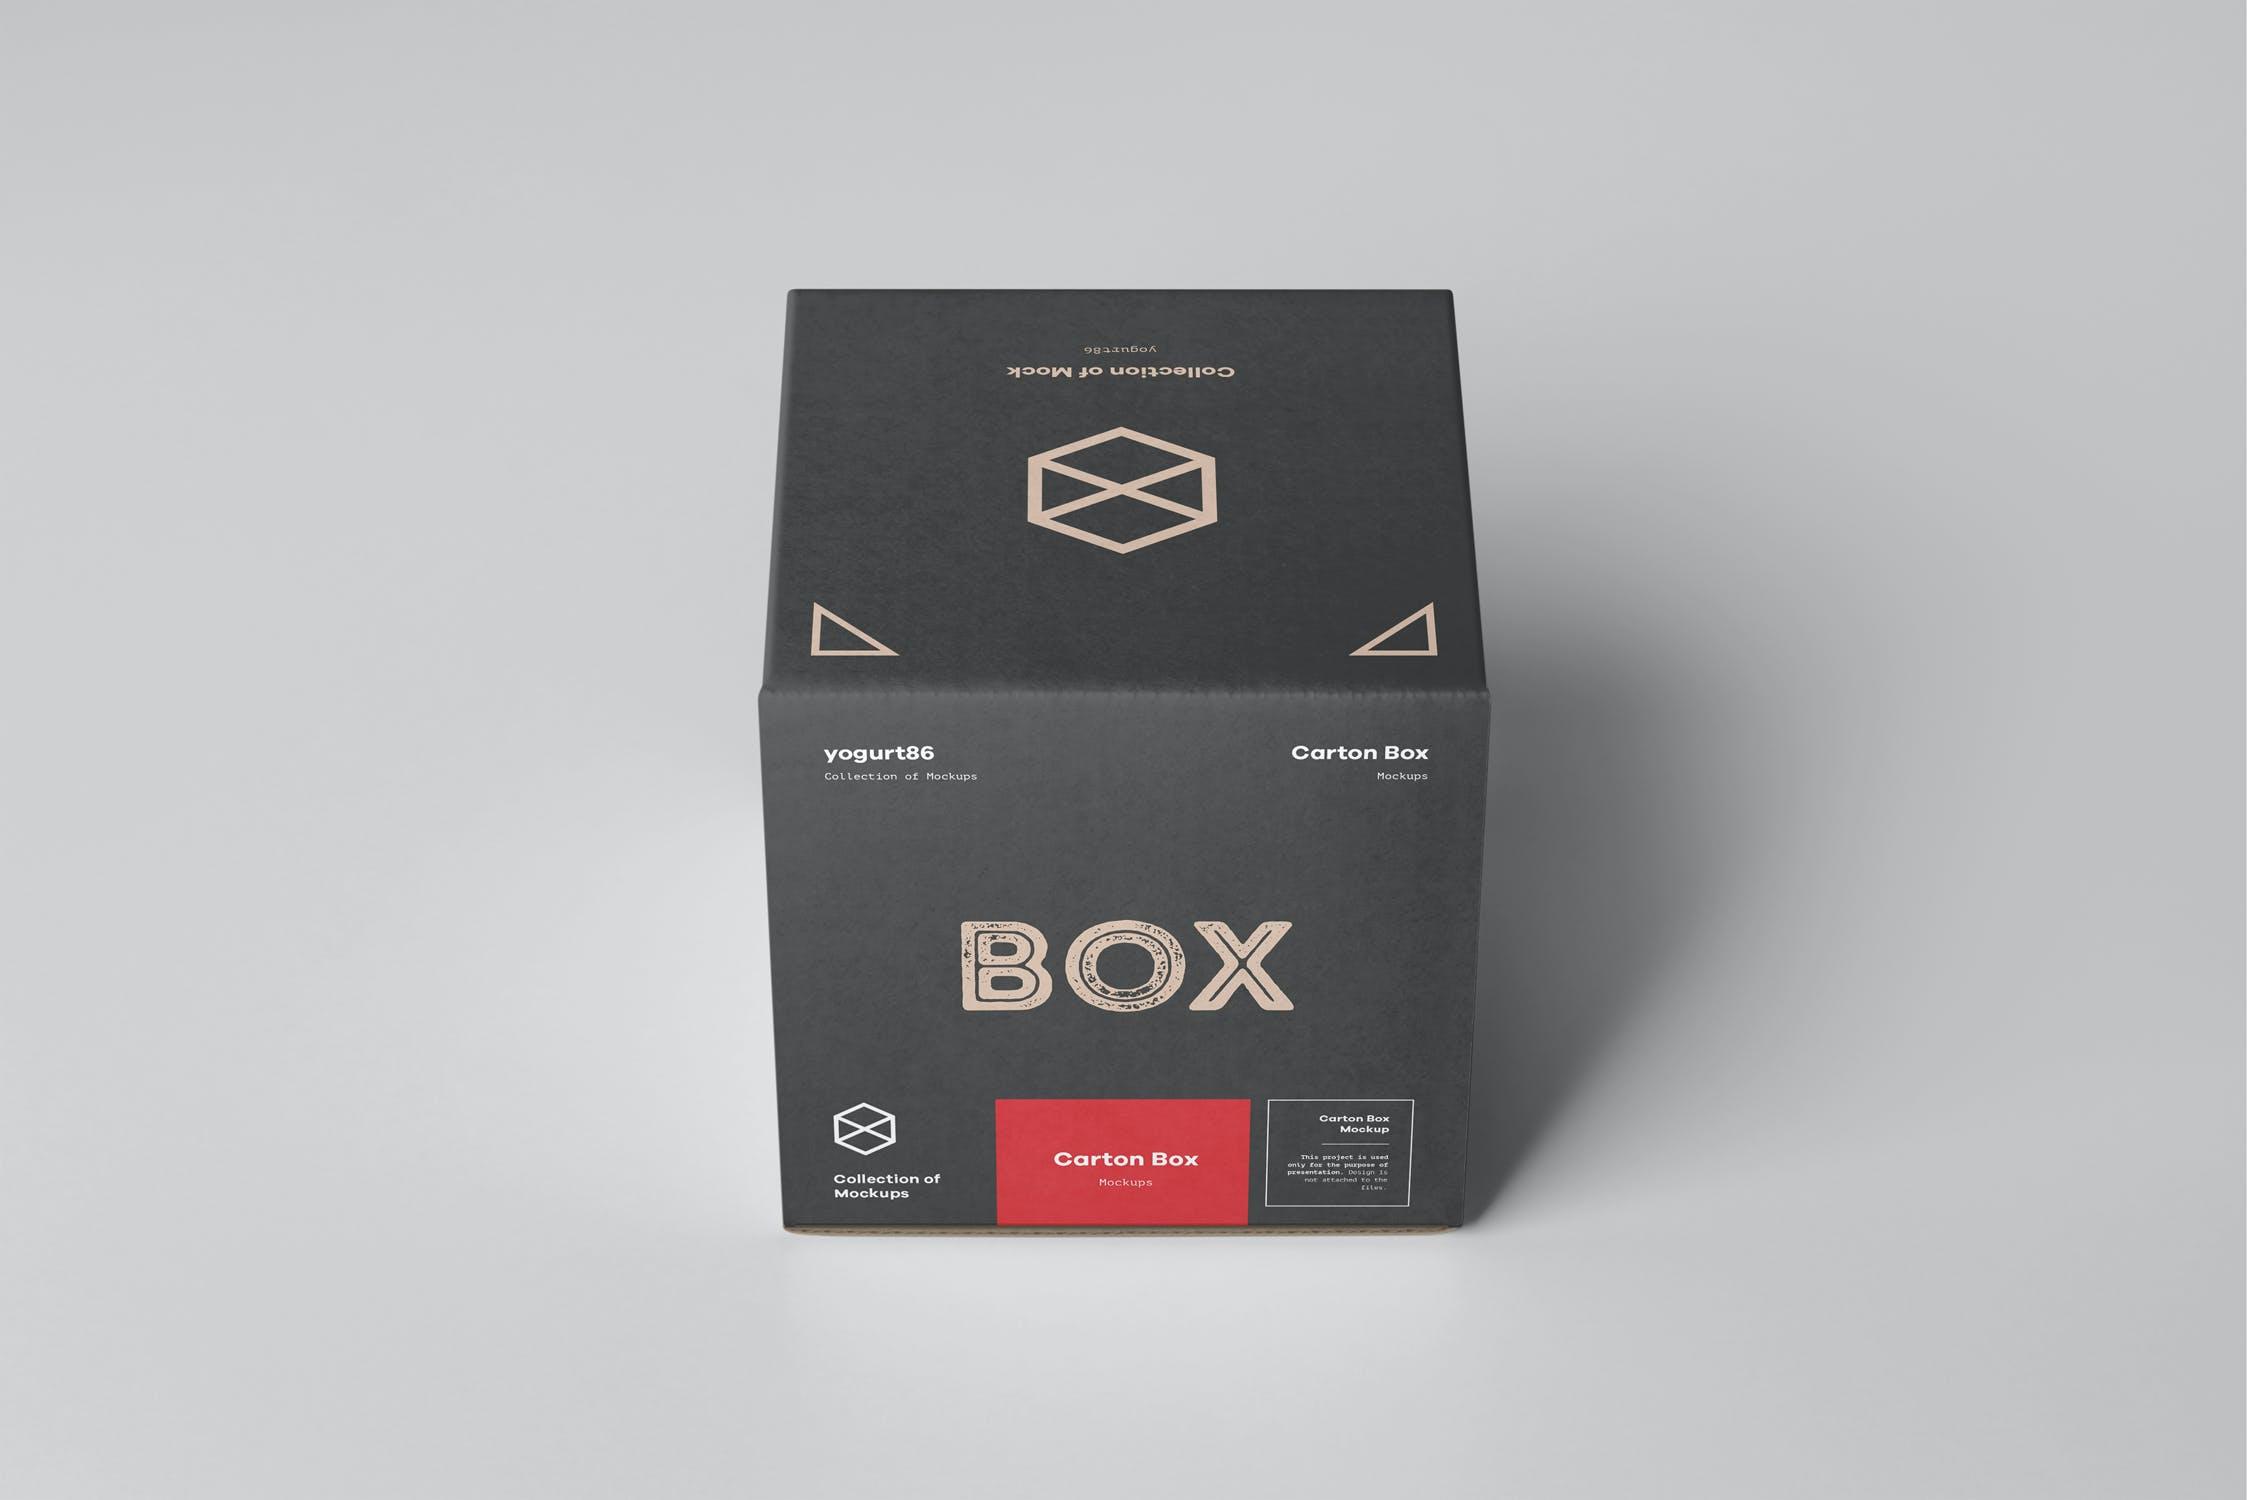 方形产品快递包装纸箱设计展示样机模板 Carton Box Mockup 100x100x100插图(5)